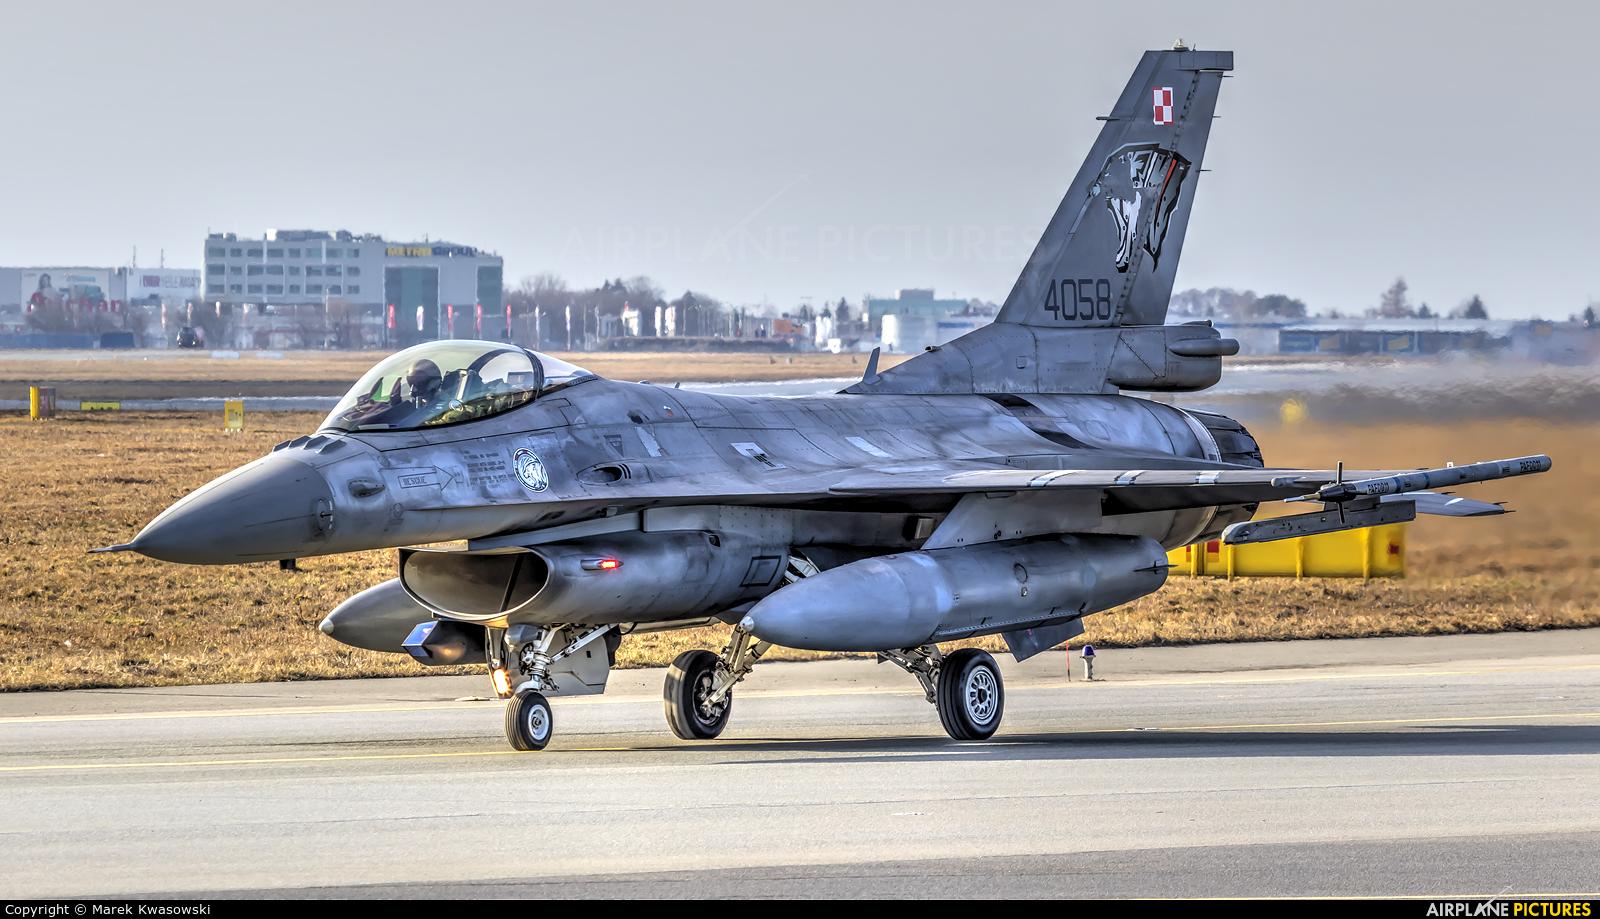 Poland - Air Force 4058 aircraft at Warsaw - Frederic Chopin